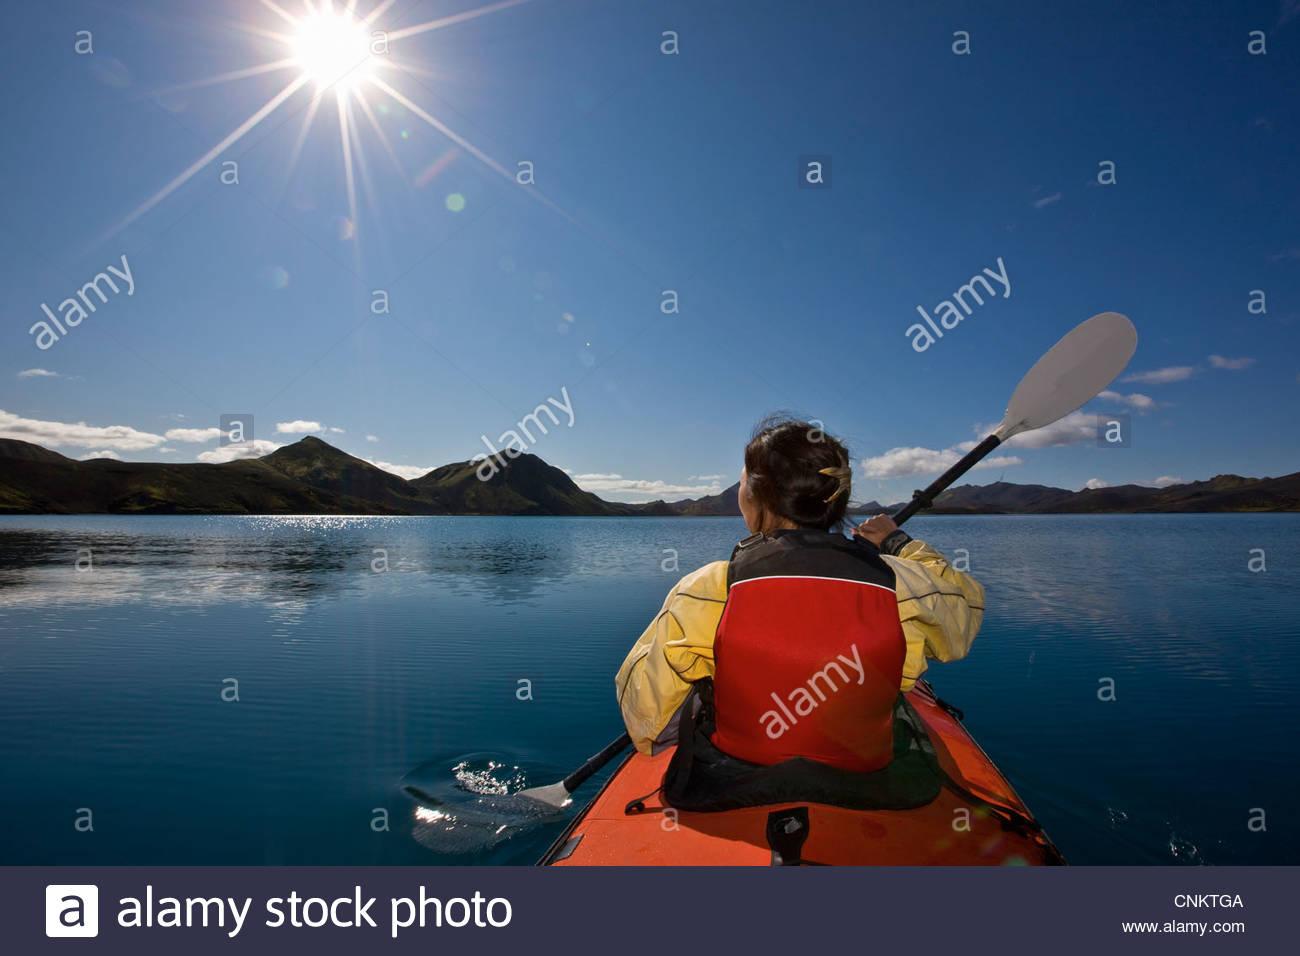 Woman rowing kayak in still lake - Stock Image